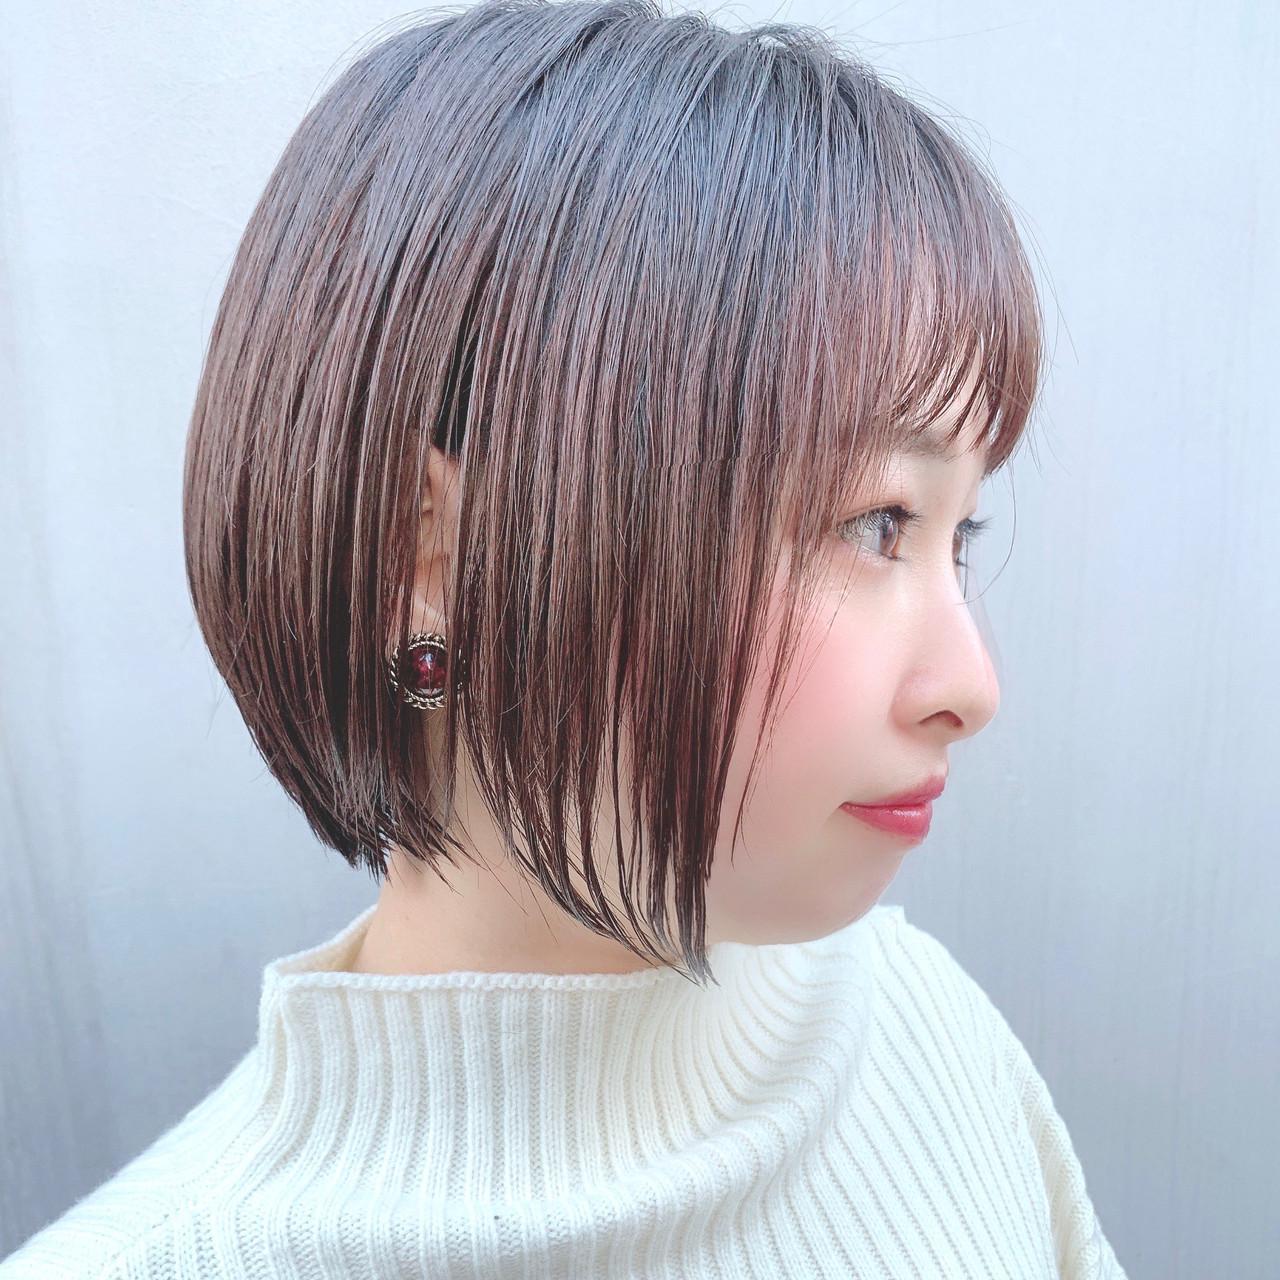 フェミニン ショートヘア グラデーションボブ ボブ ヘアスタイルや髪型の写真・画像